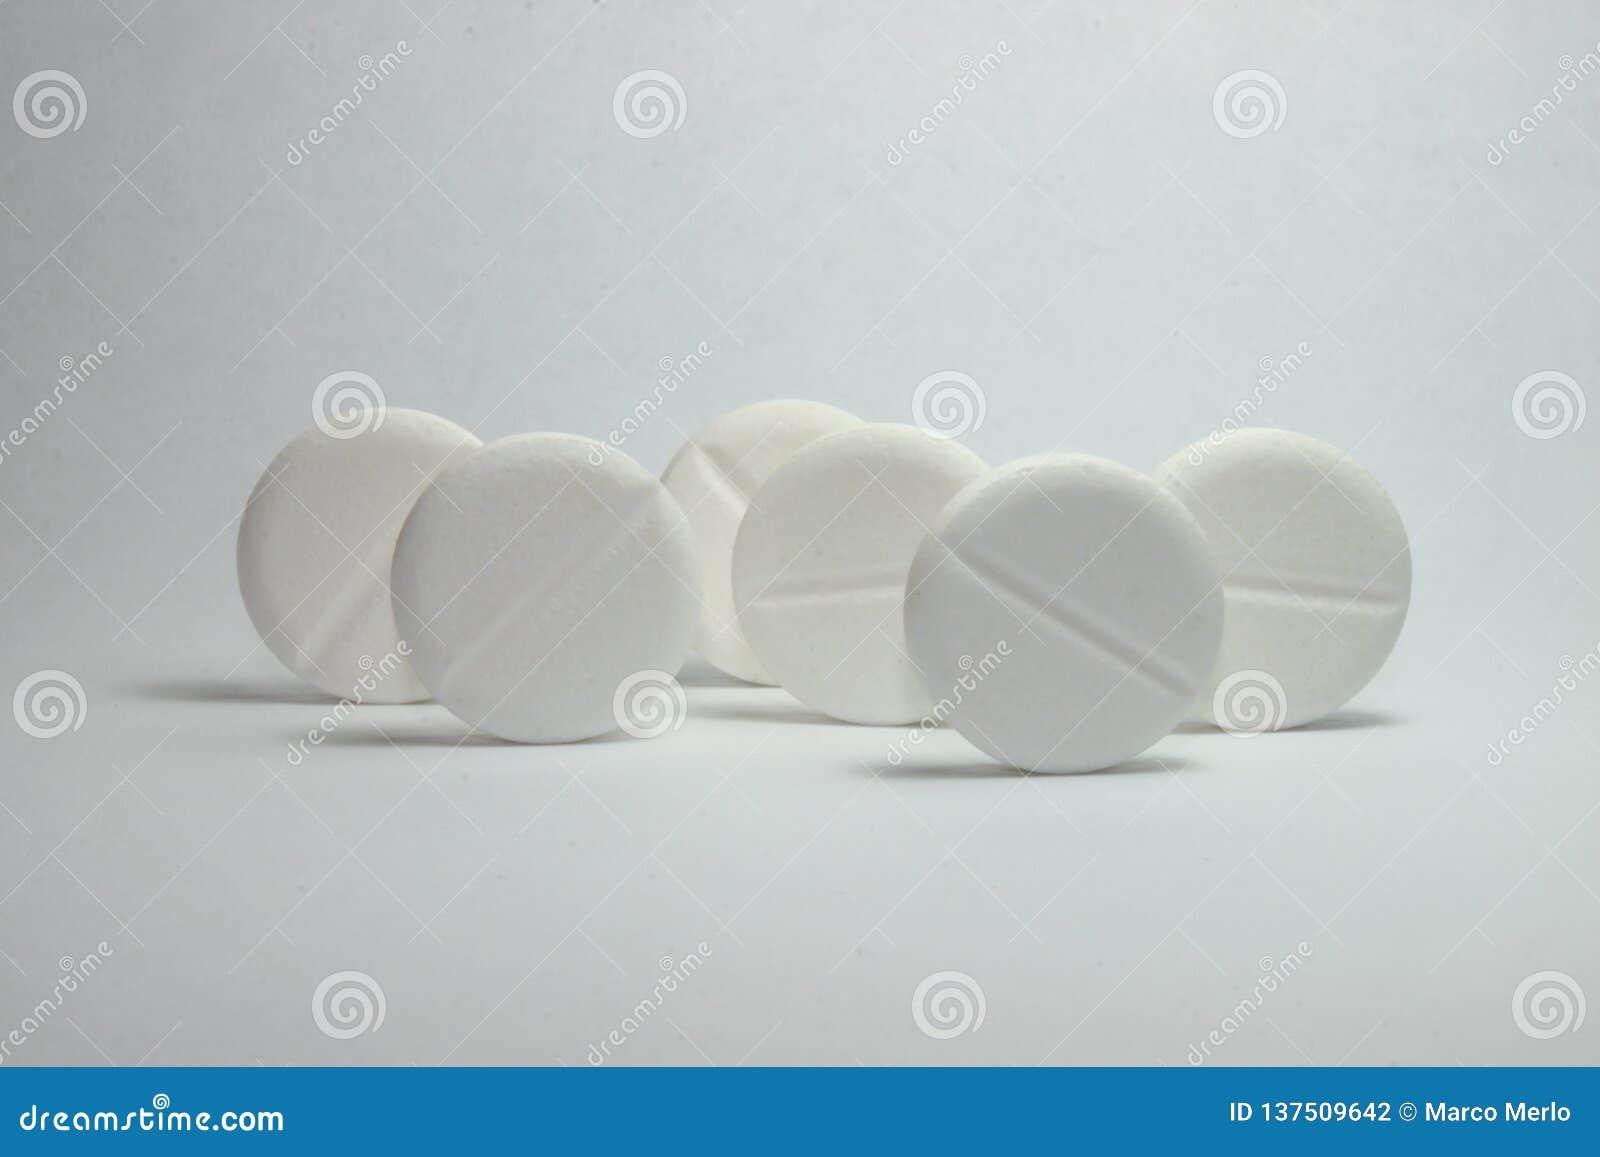 Farmaceutisch